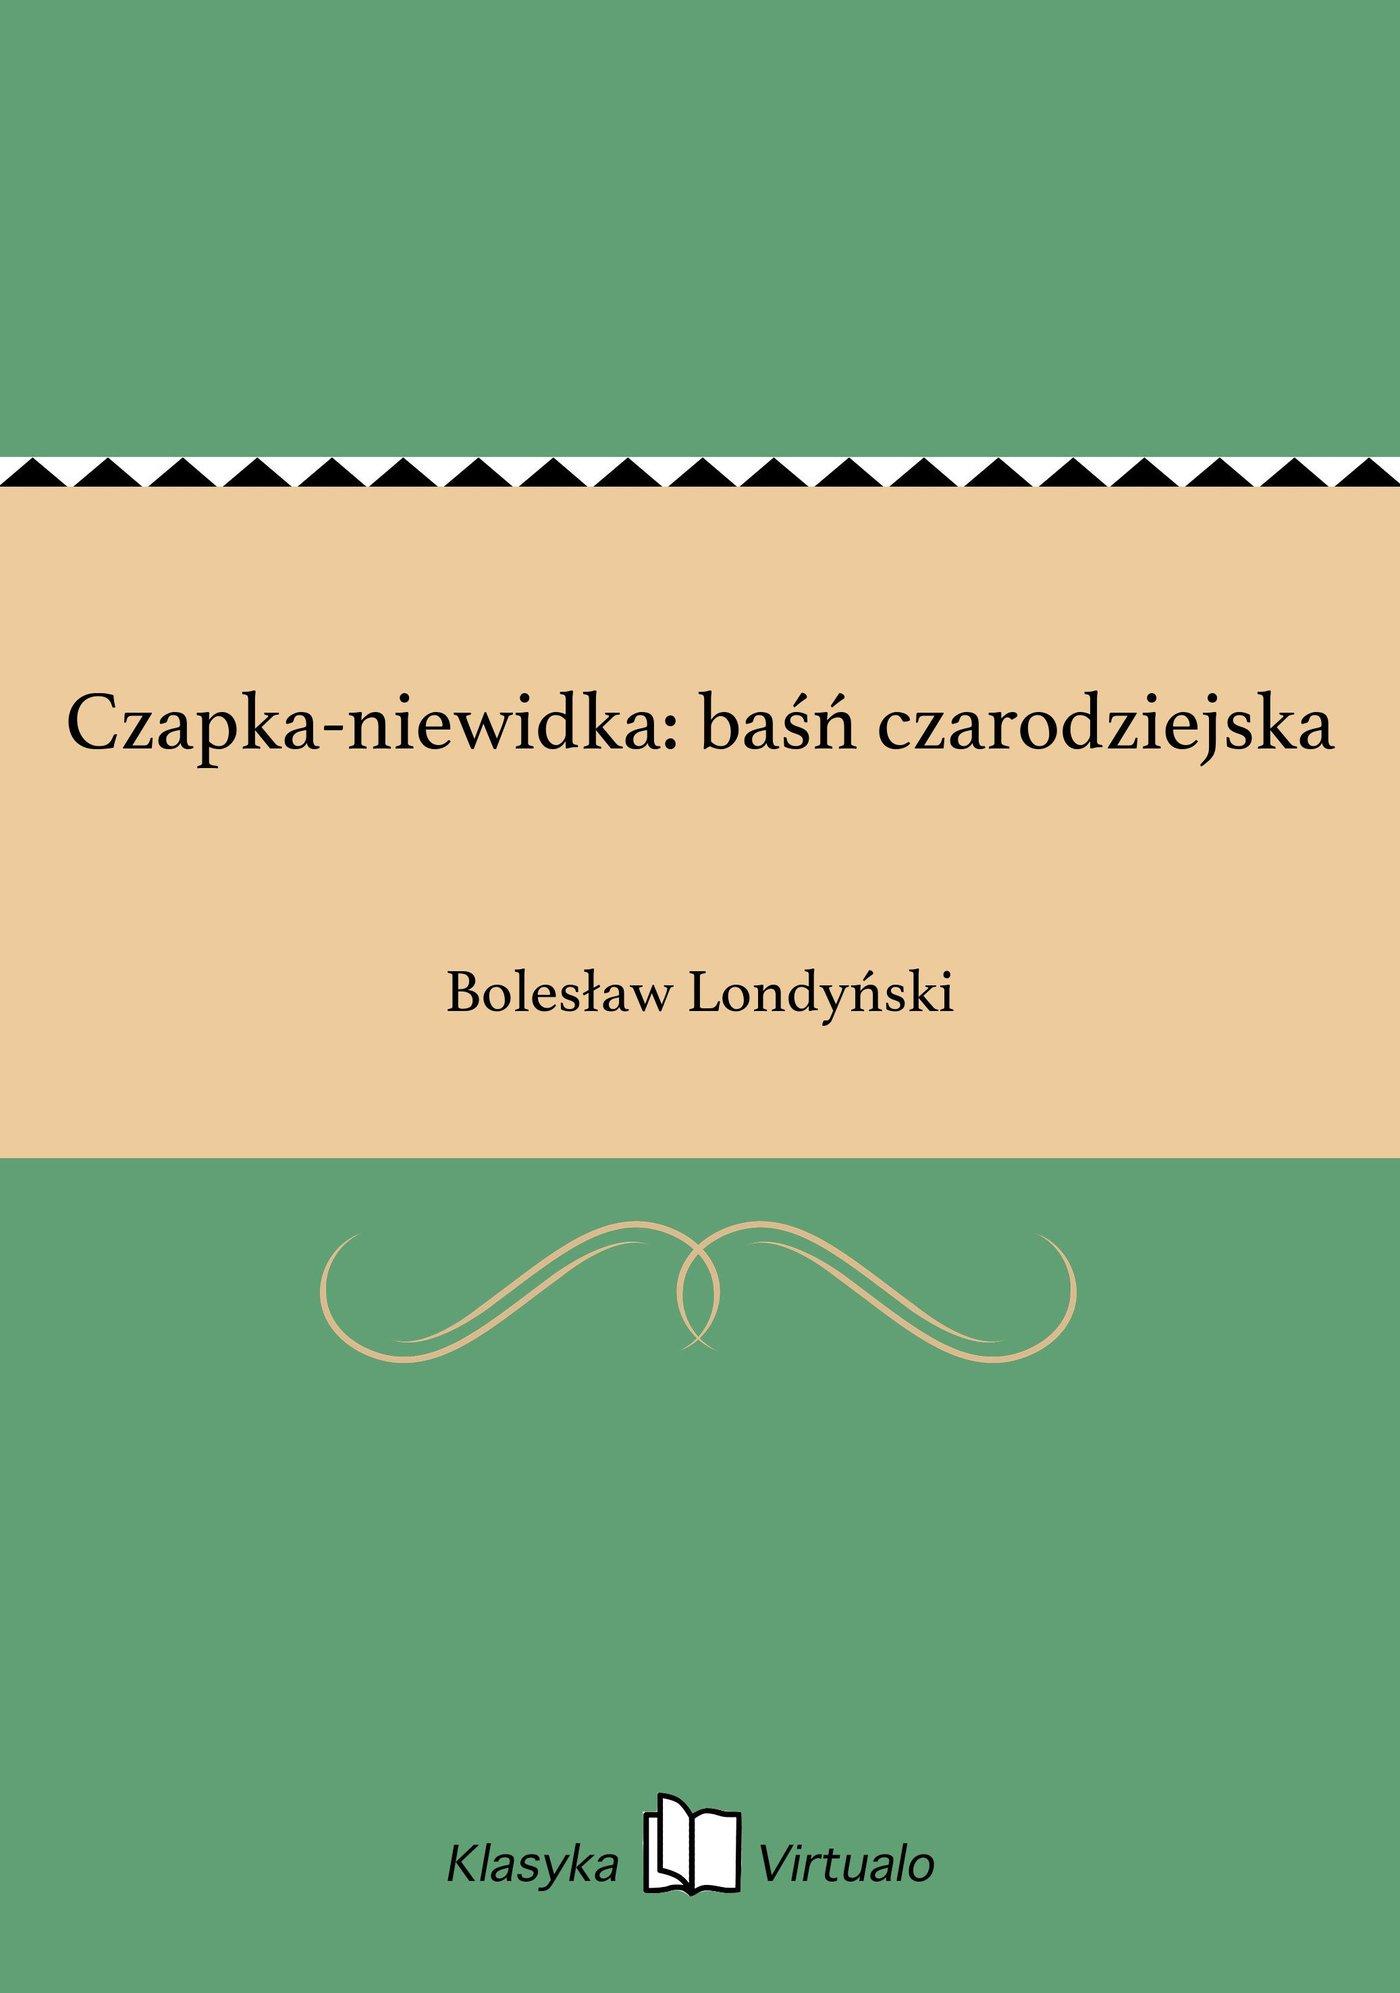 Czapka-niewidka: baśń czarodziejska - Ebook (Książka EPUB) do pobrania w formacie EPUB